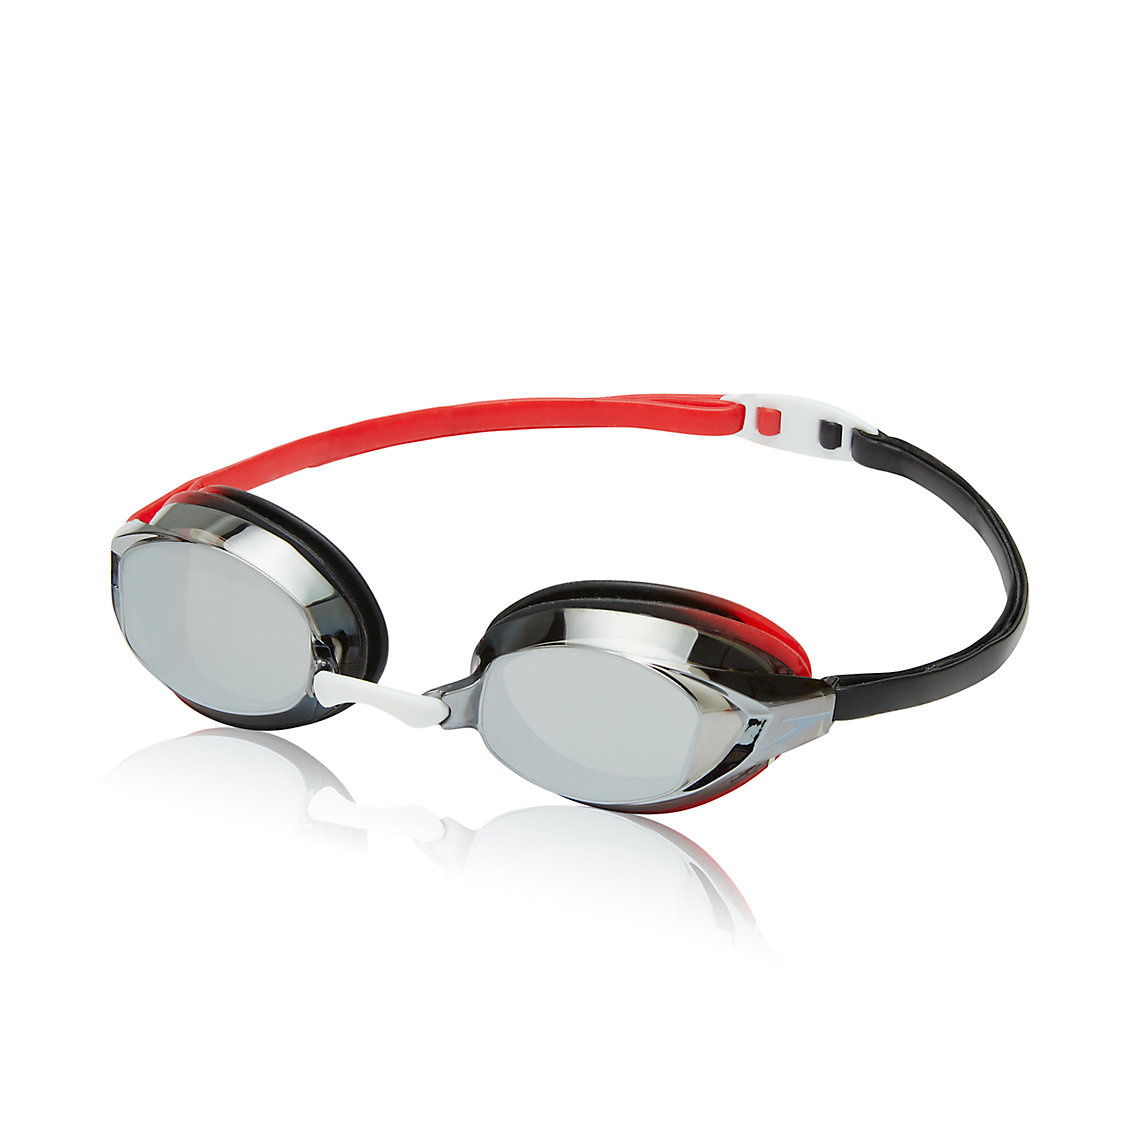 Speedo Vanquisher EV Mirrored Goggle